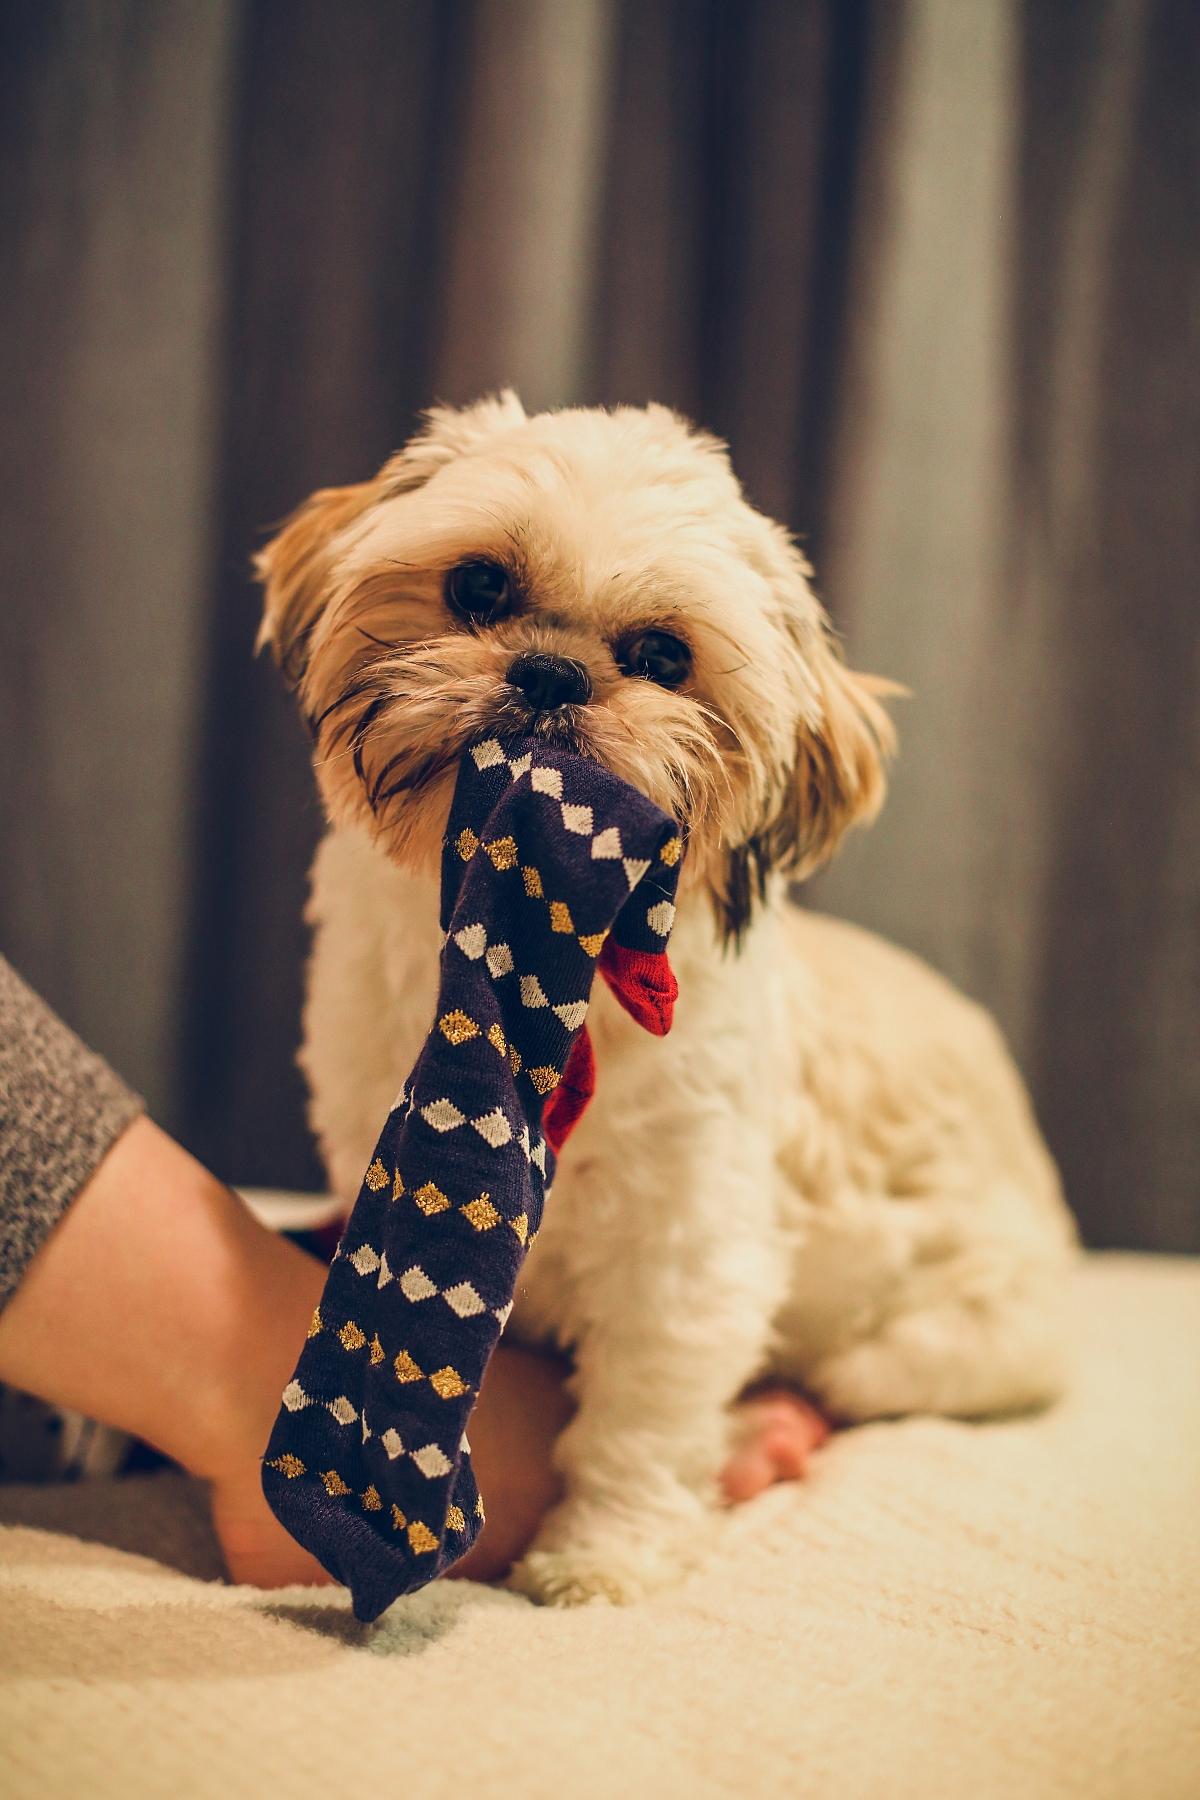 świąteczny prezent sesja świąteczna z psem shih tzu